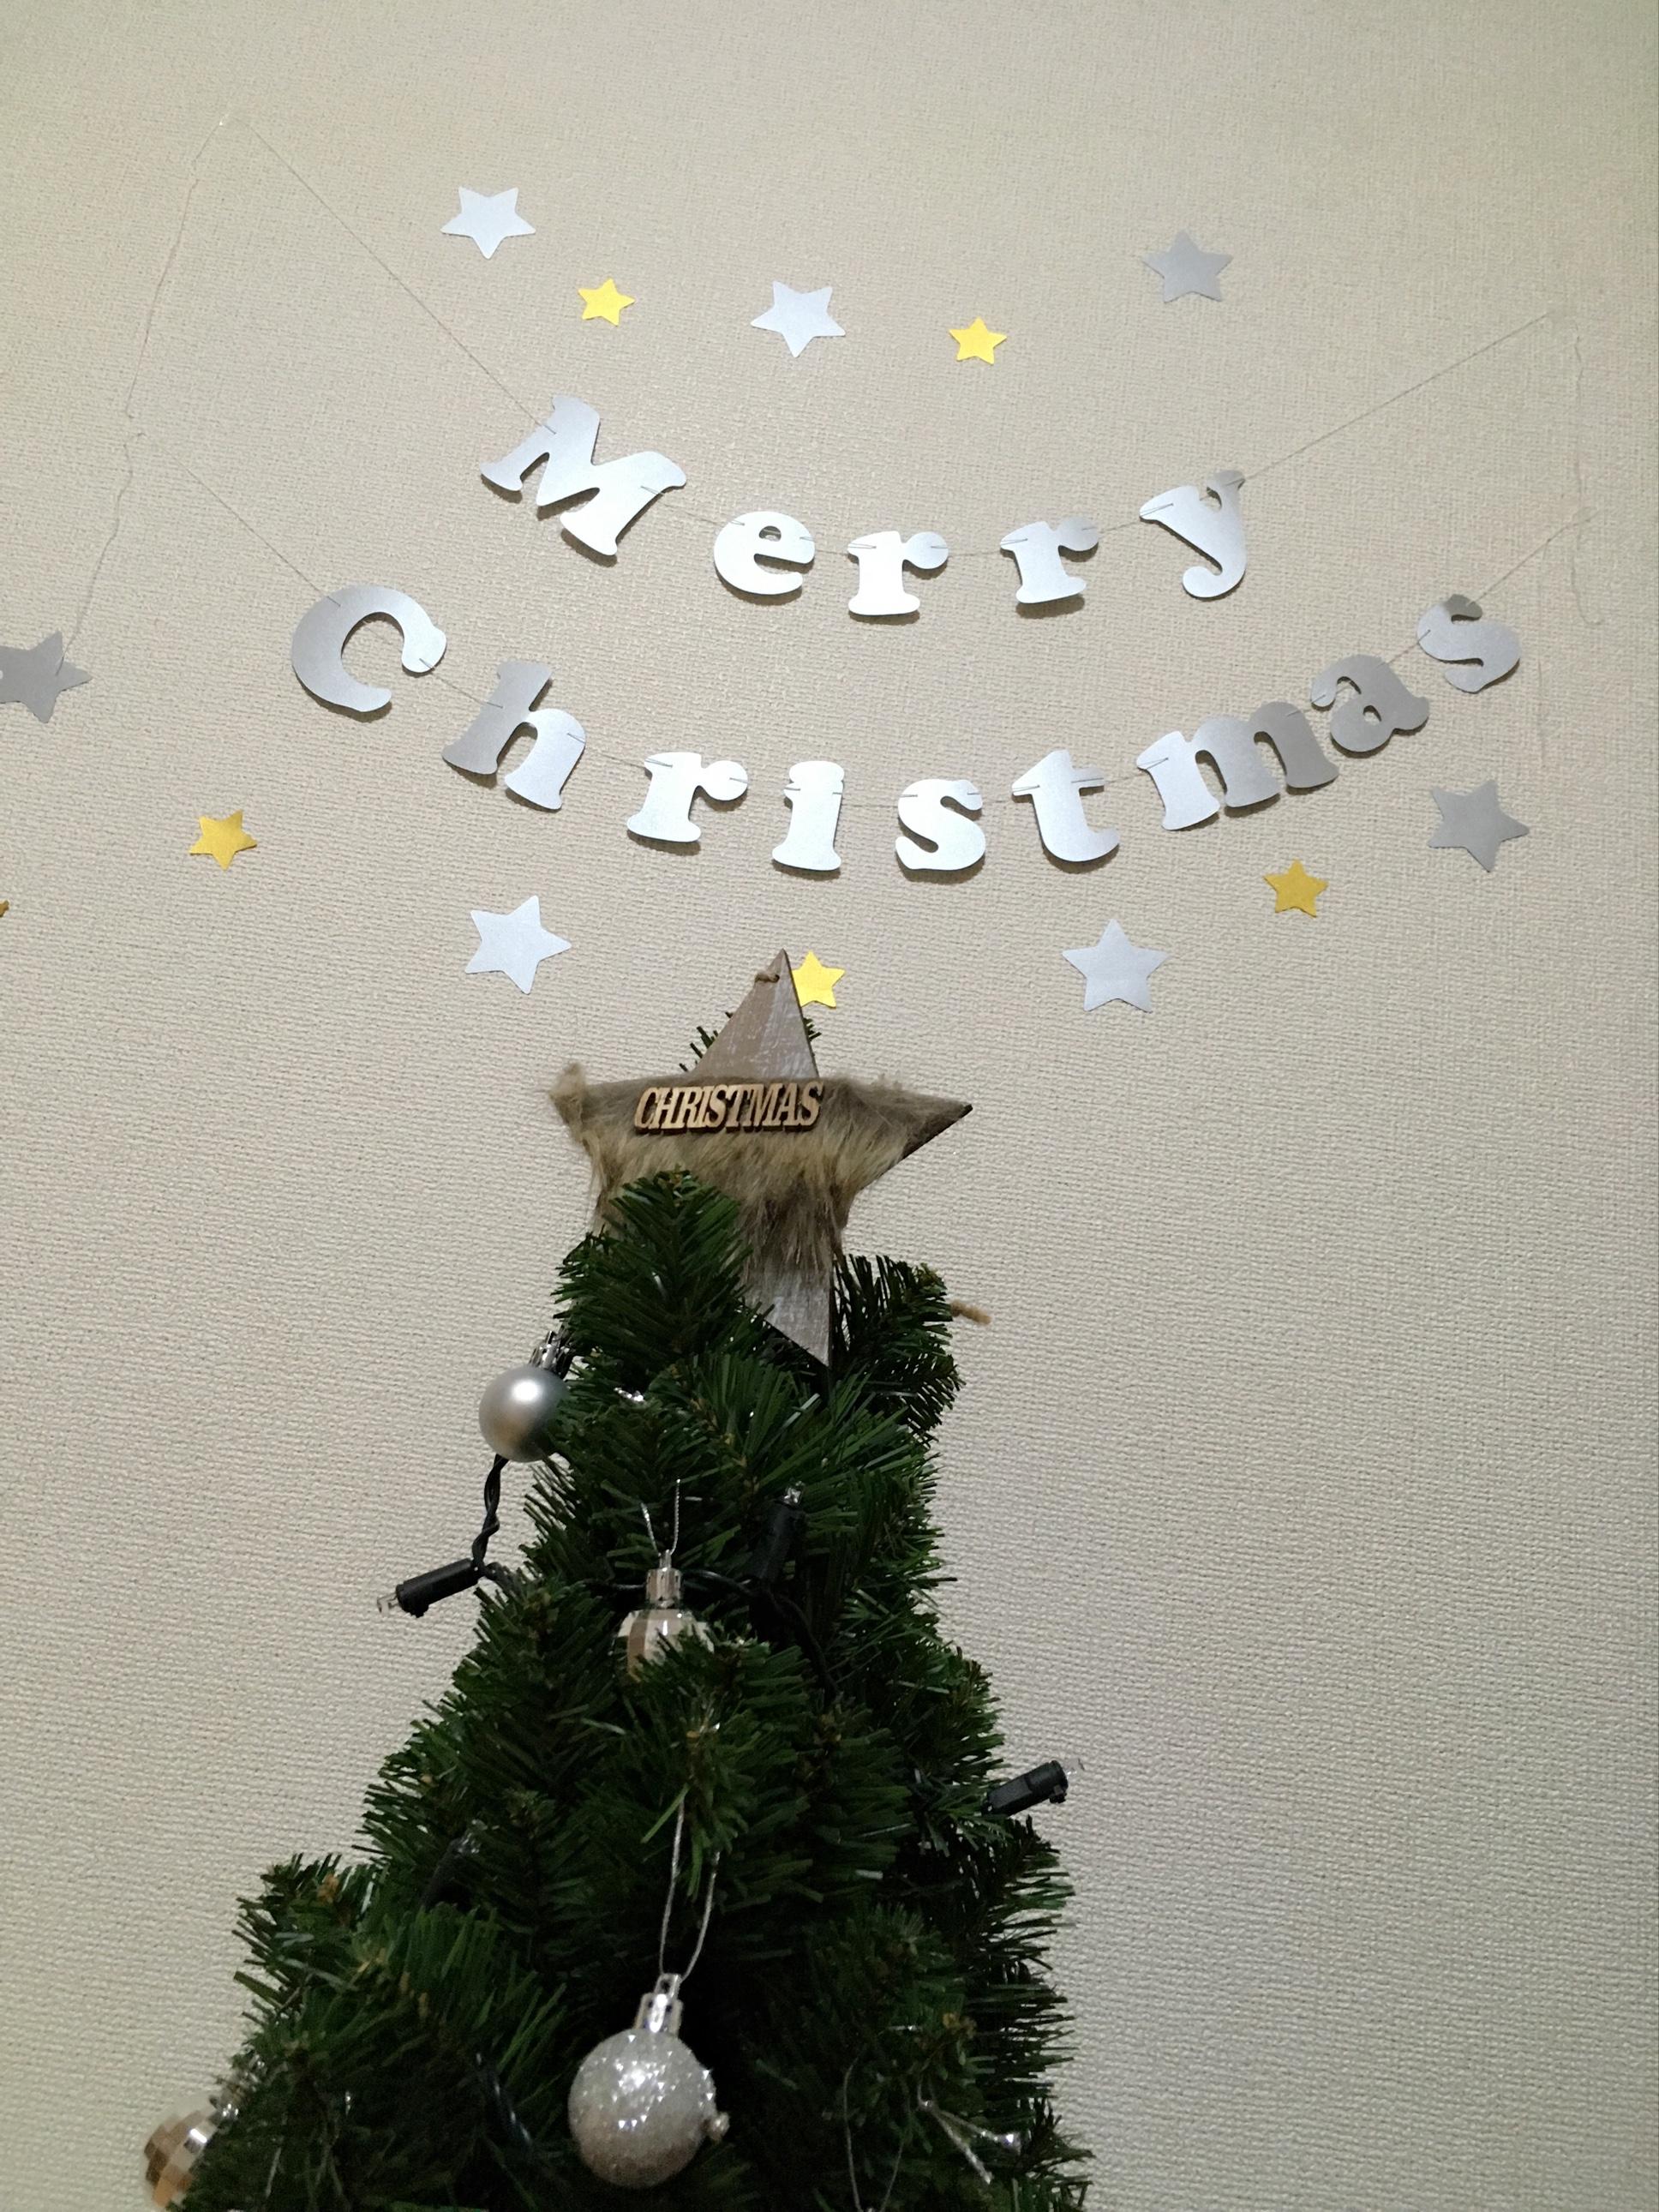 【ダイソー】のクリスマスグッズがとても可愛い♡_1